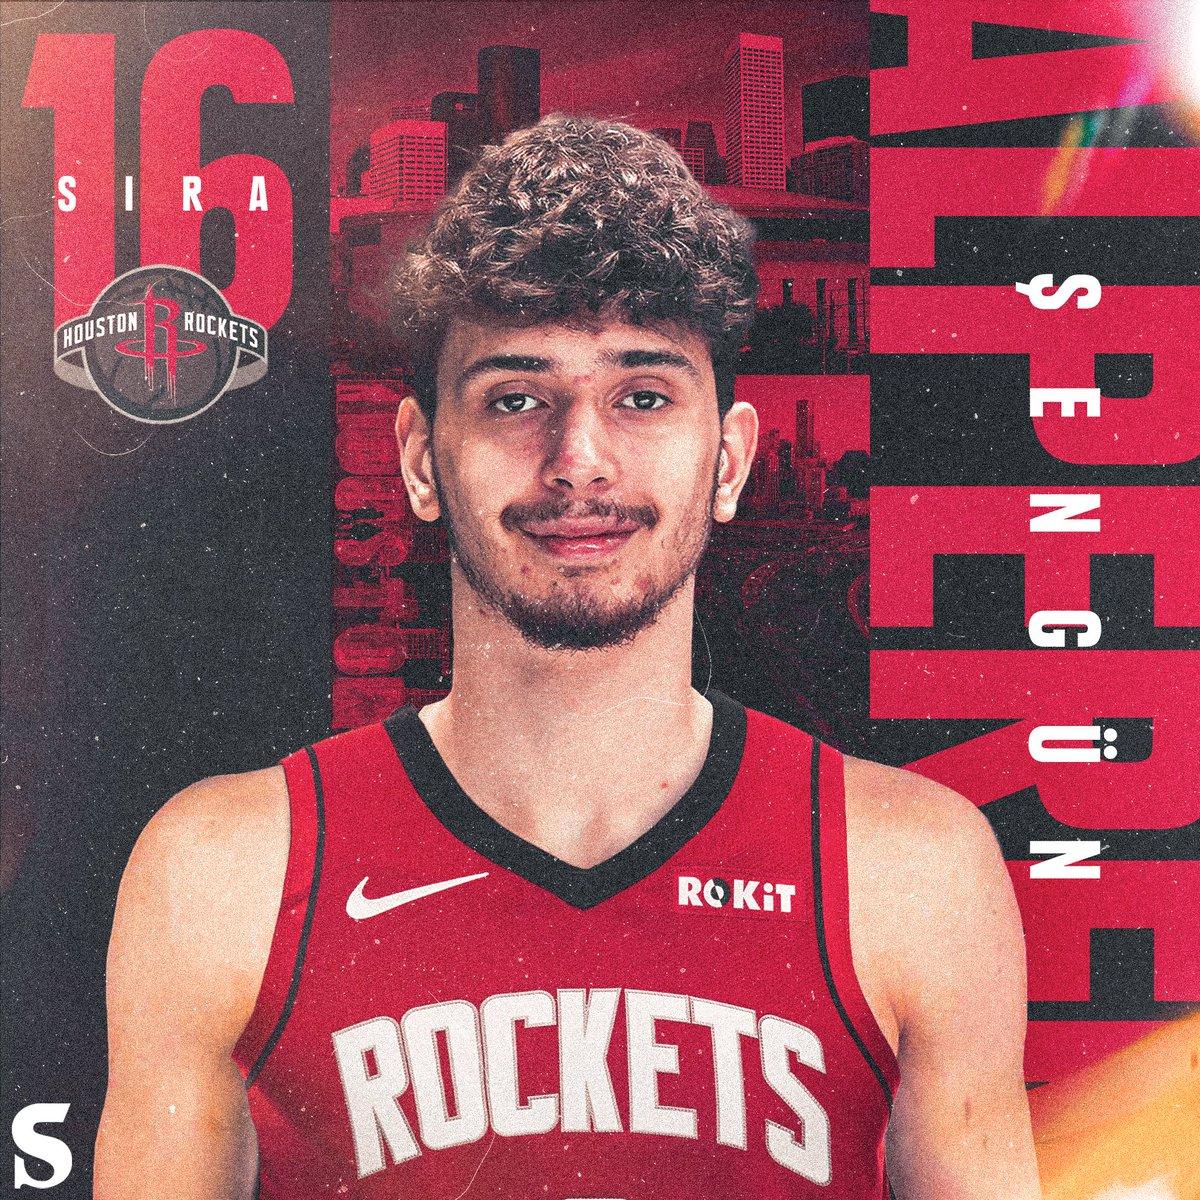 @SocratesDergi's photo on Rockets